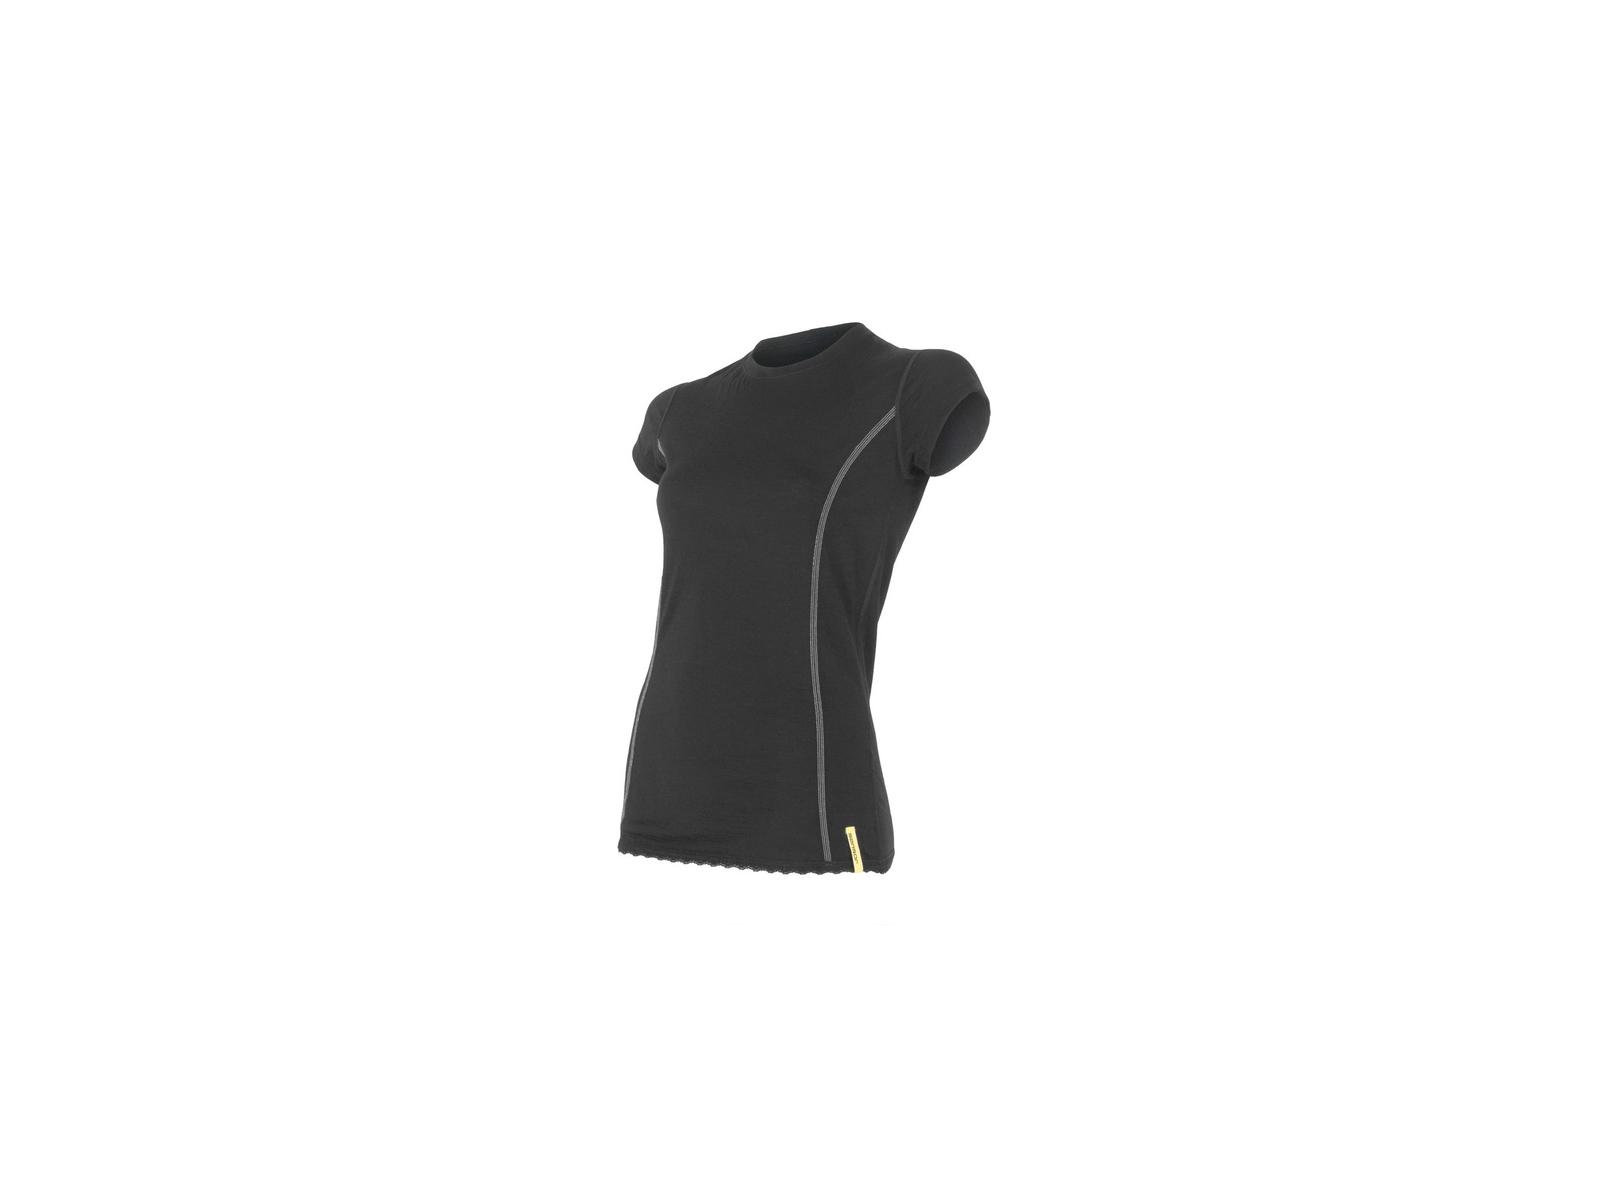 Sensor Merino Active Uld T shirt med korte ærmer Dame Sort (DKK 429,00)